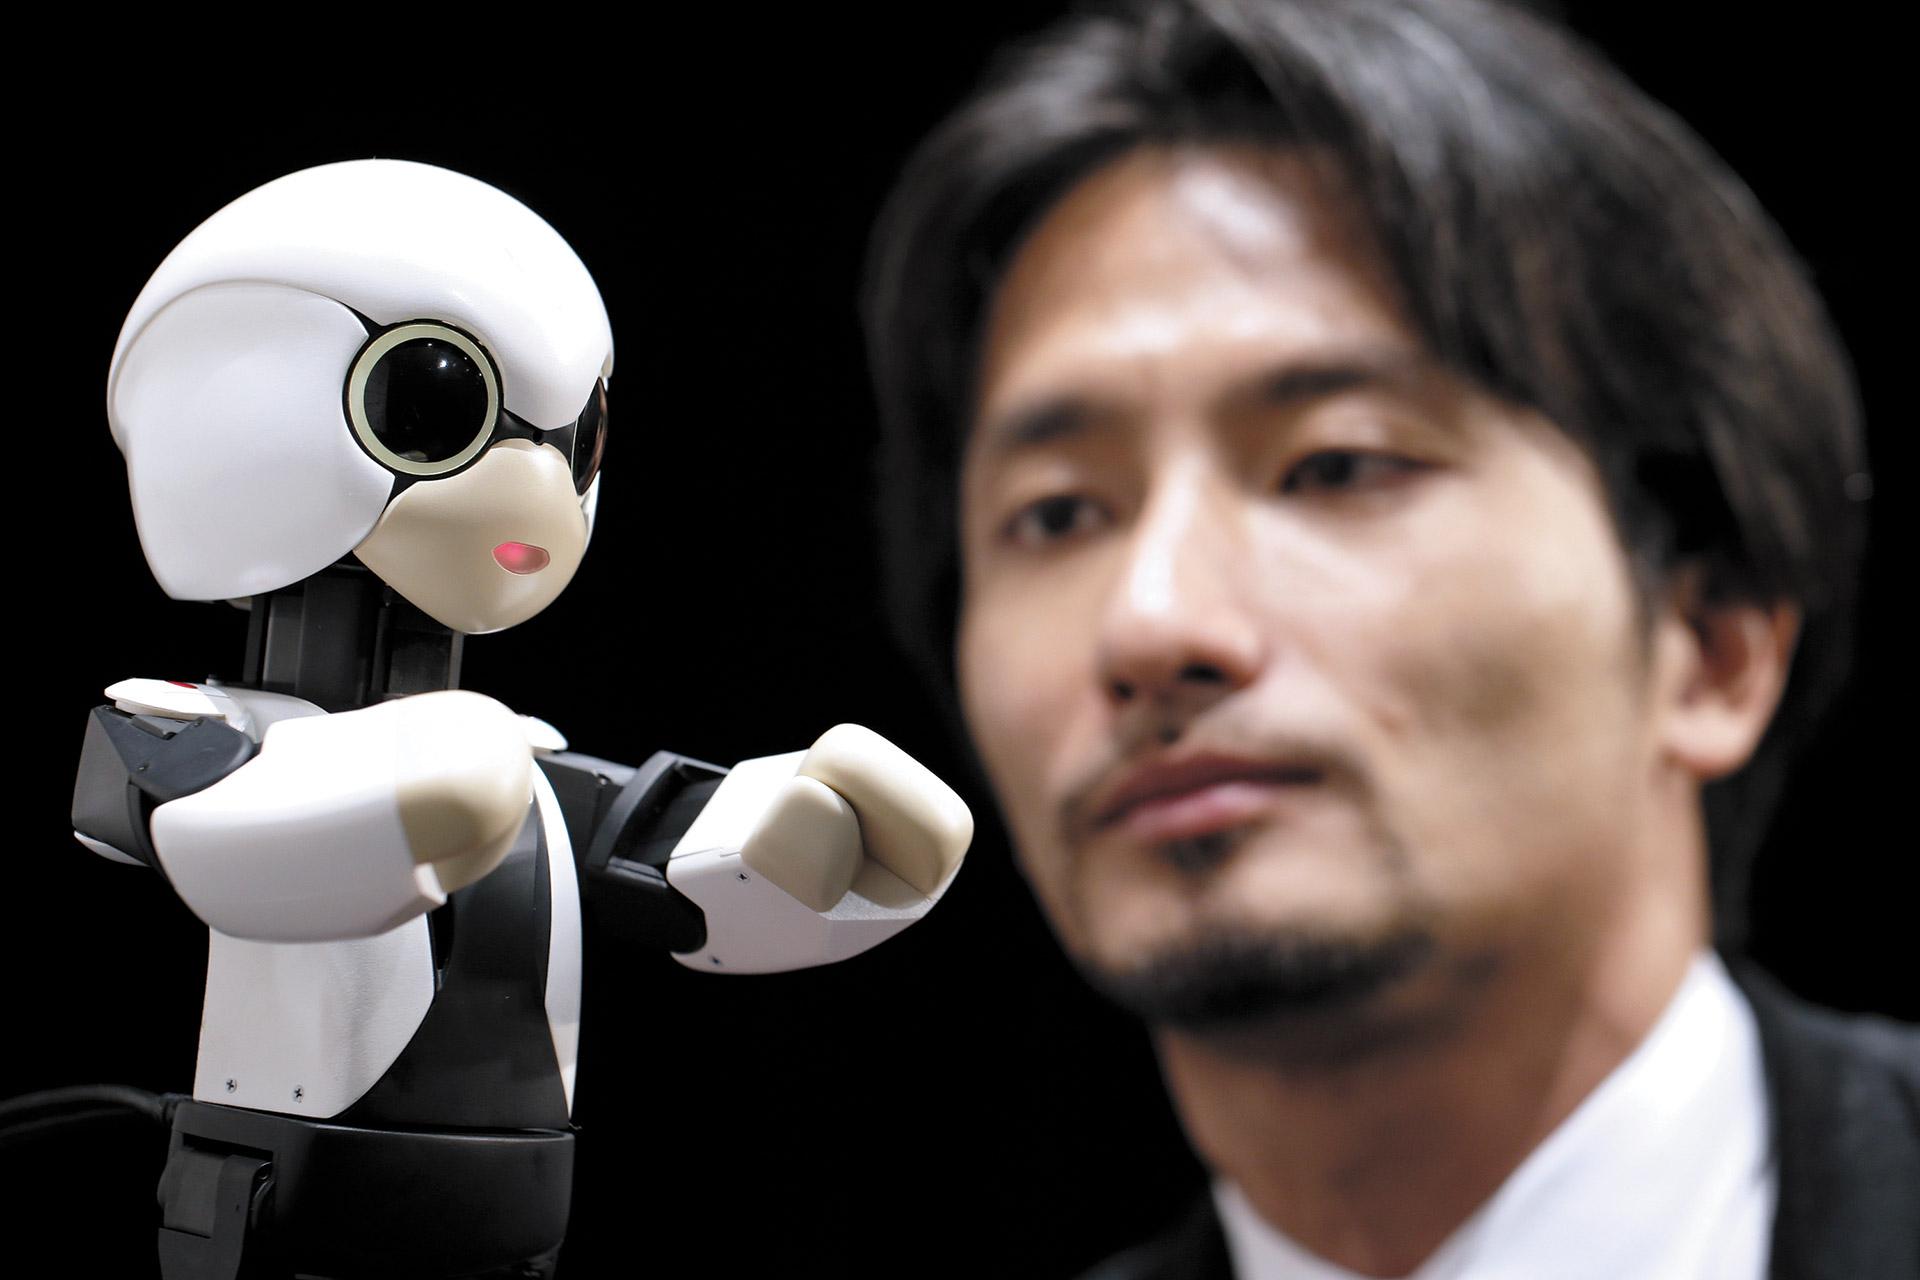 My robot, my friend?